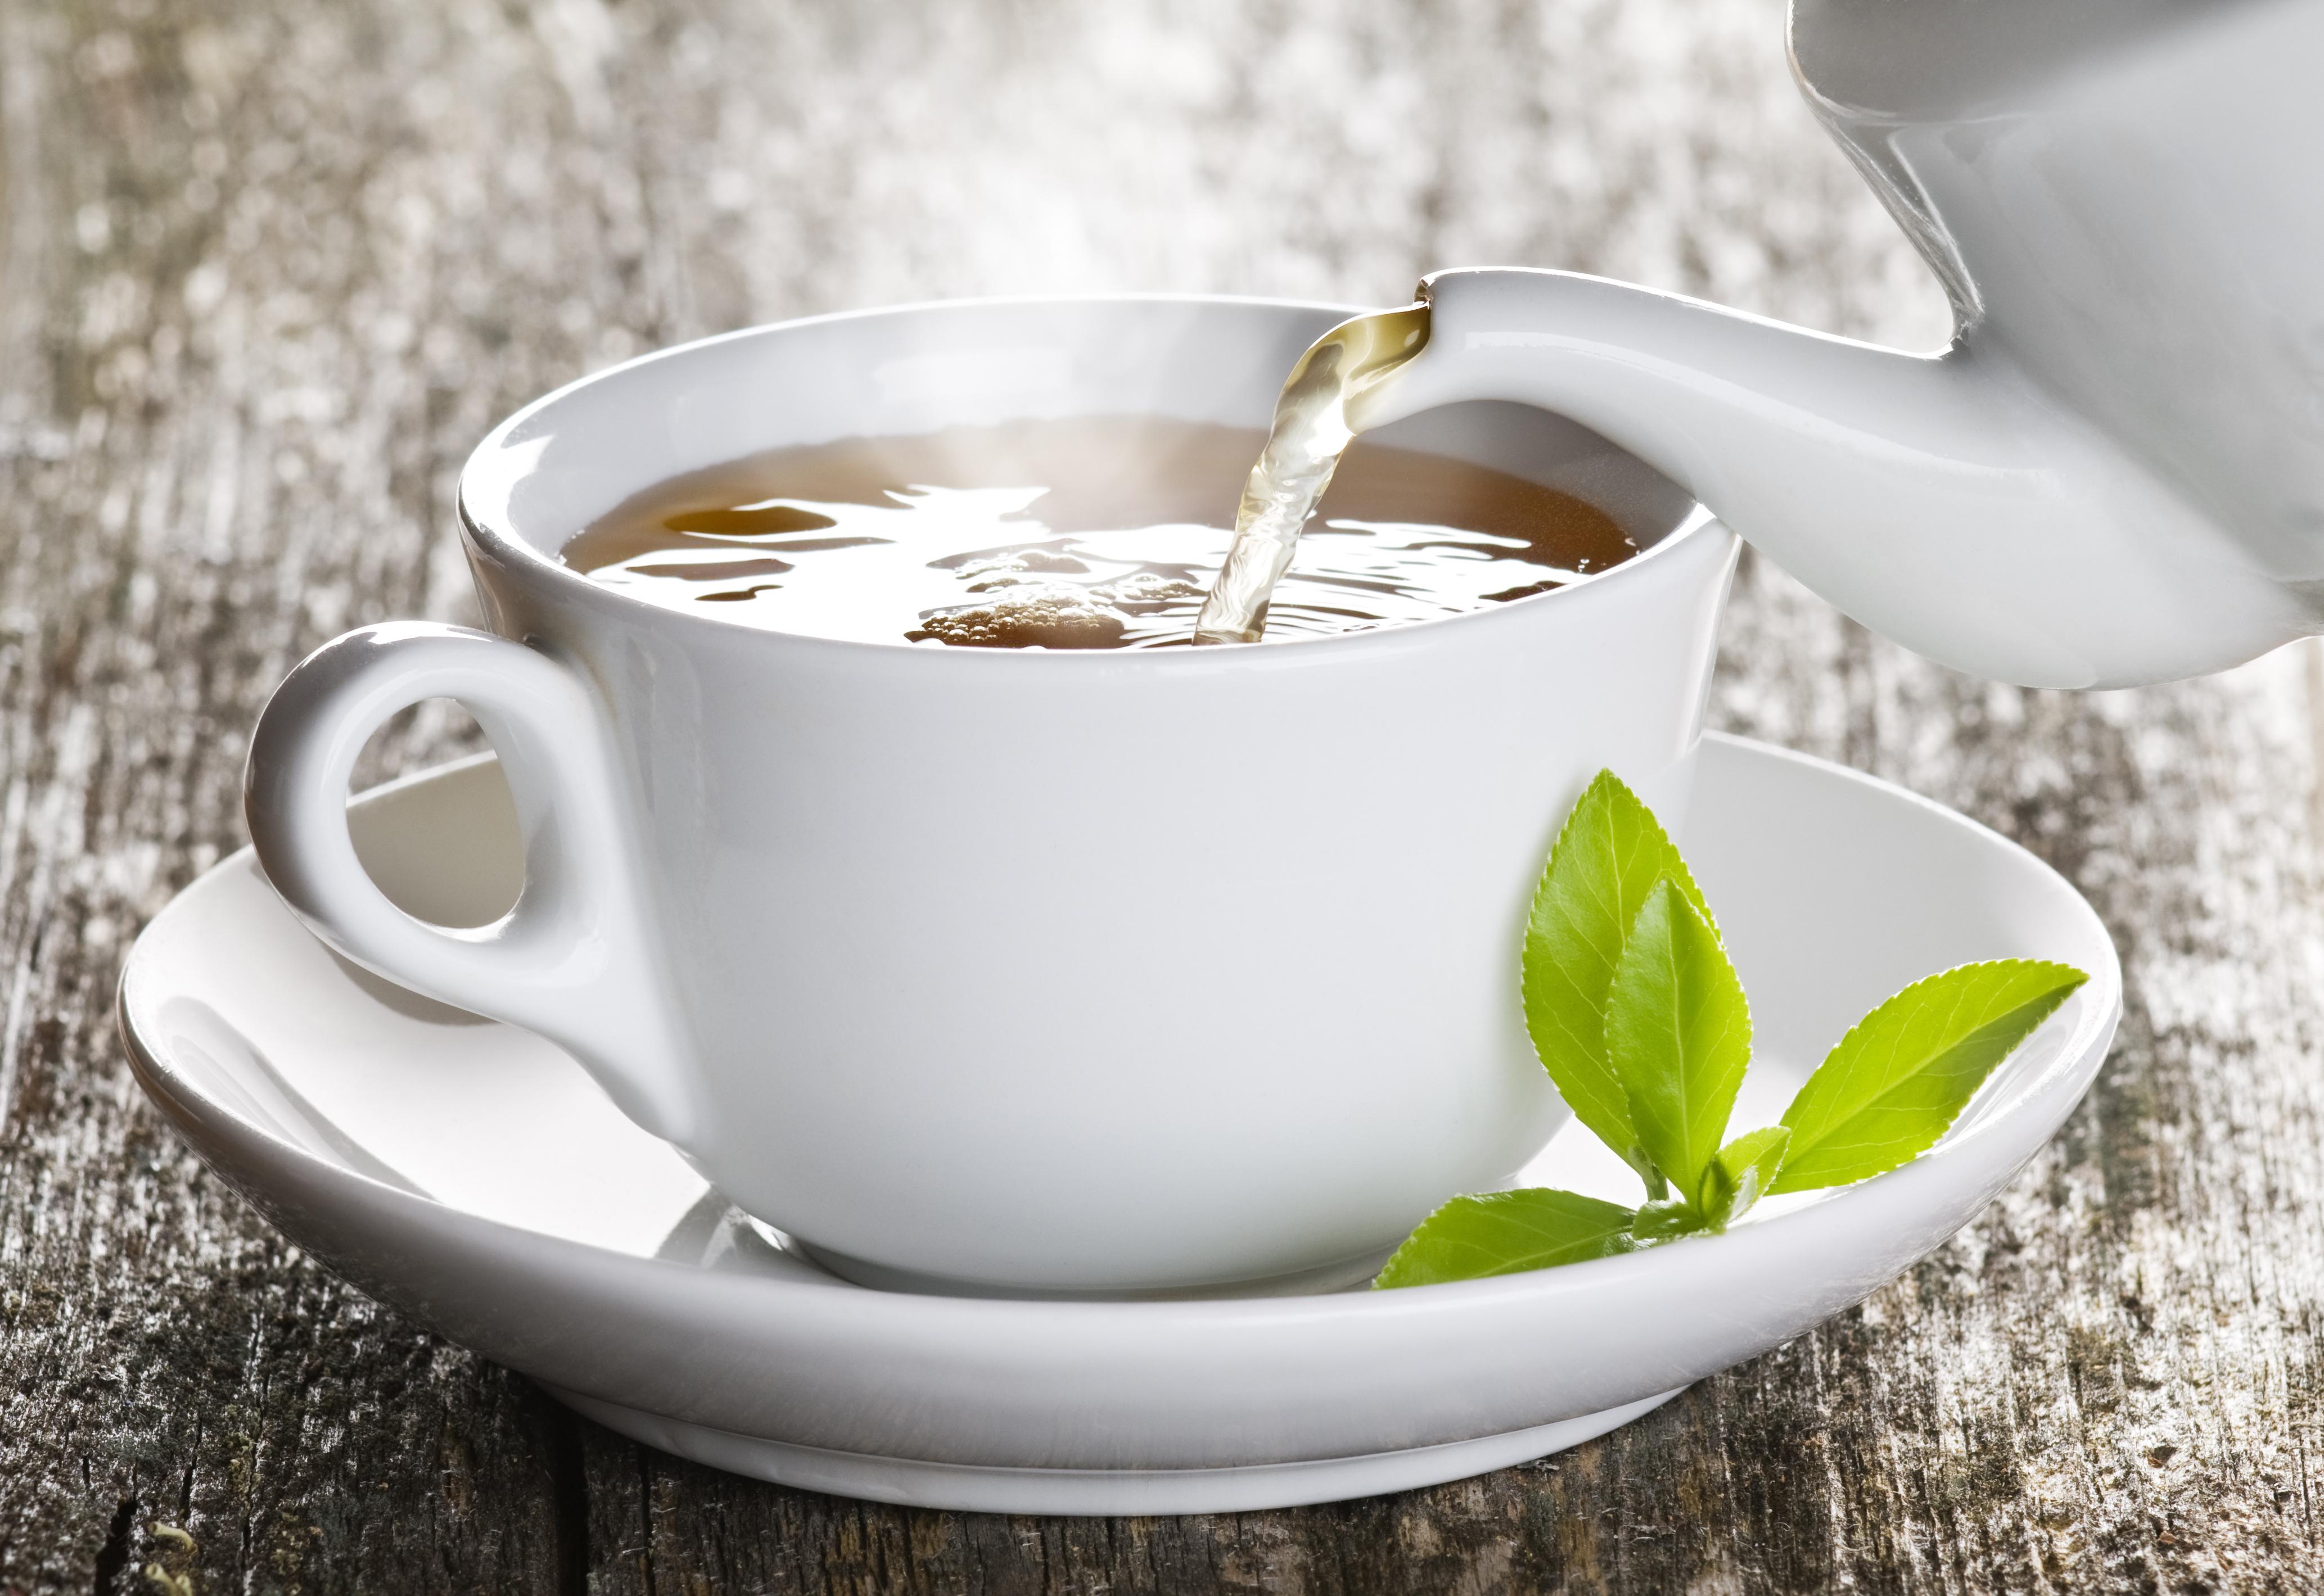 Bebidas extremamente quentes aumentam risco de câncer de esôfago, aponta estudo